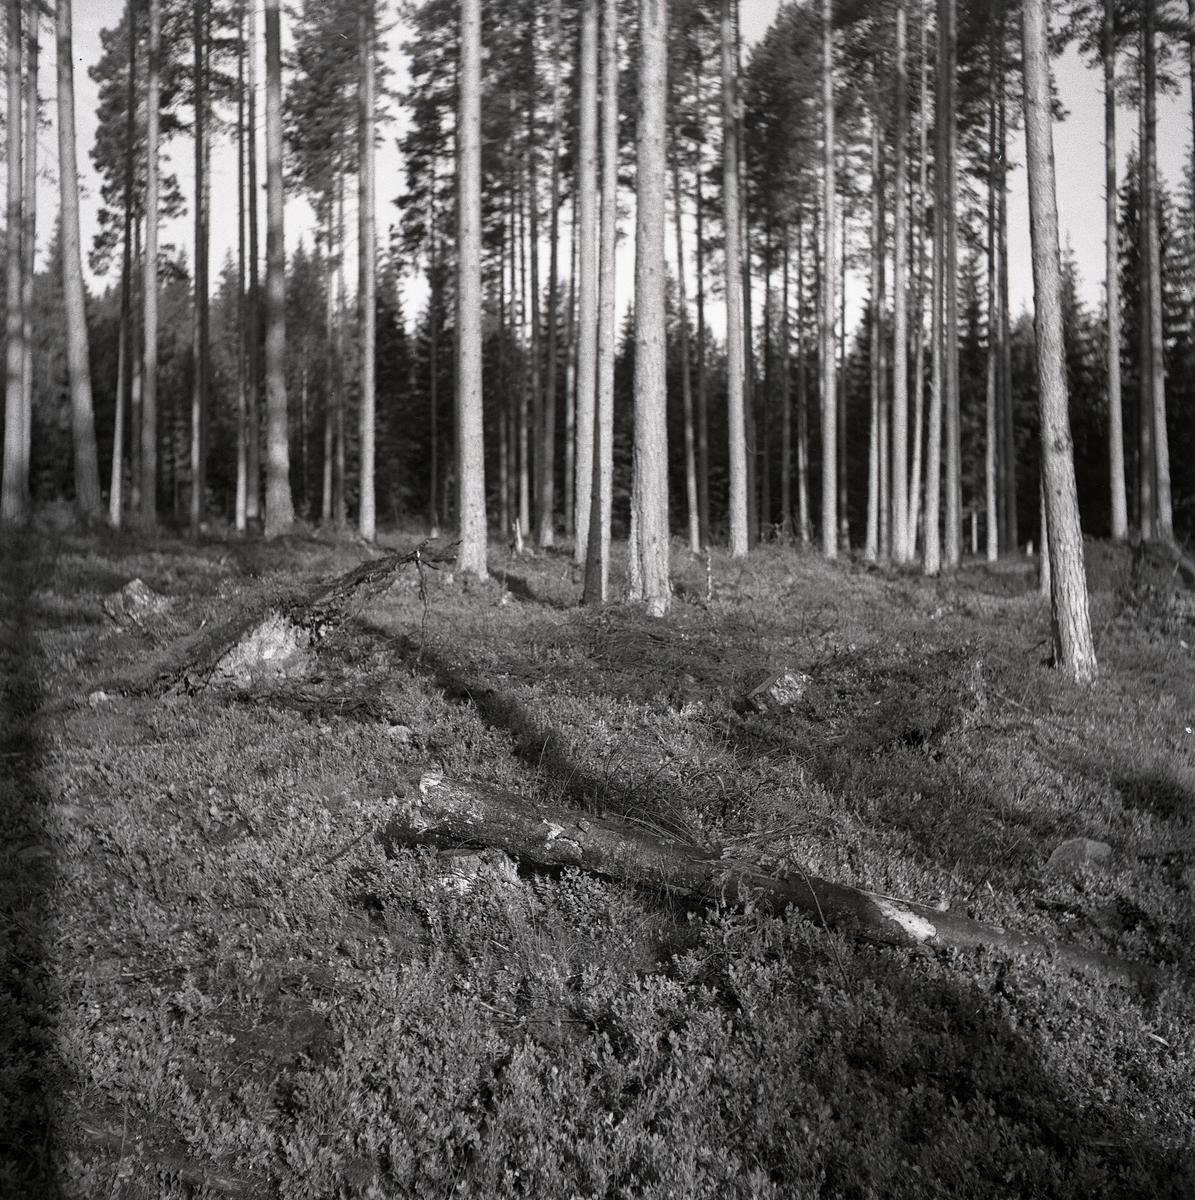 Tjäderbo. Tallskog med sten och grenar, Sunnanhed 29 juni 1954.